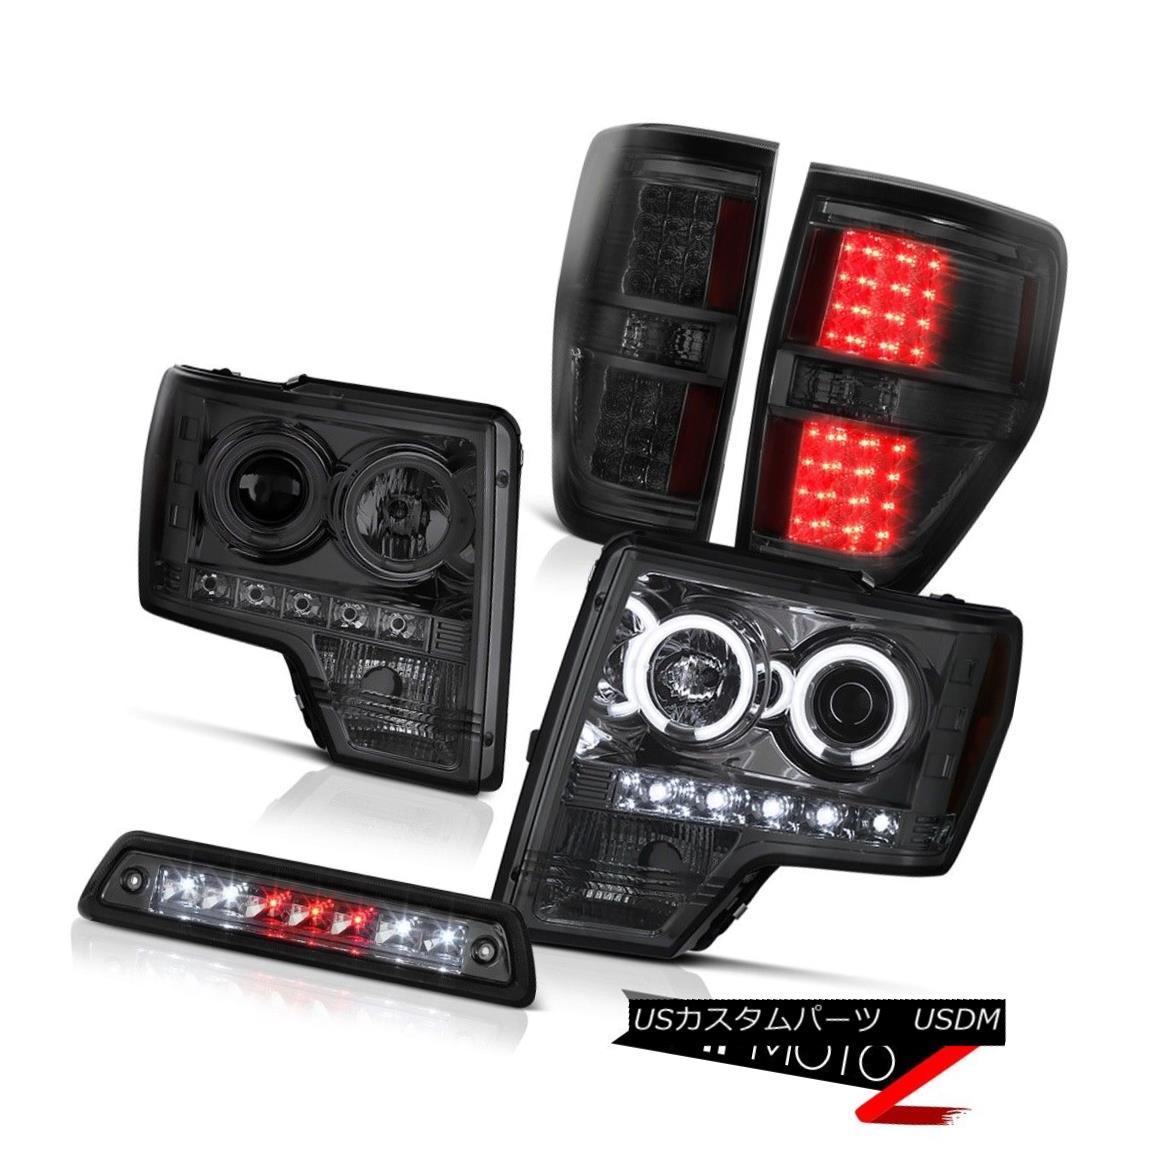 テールライト 09-14 FORD F150 FX2 Third brake light rear lamps Headlamps CCFL Rim CCFL Halo 09-14フォードF150 FX2第3ブレーキライトリヤランプヘッドランプCCFLリムCCFLハロー